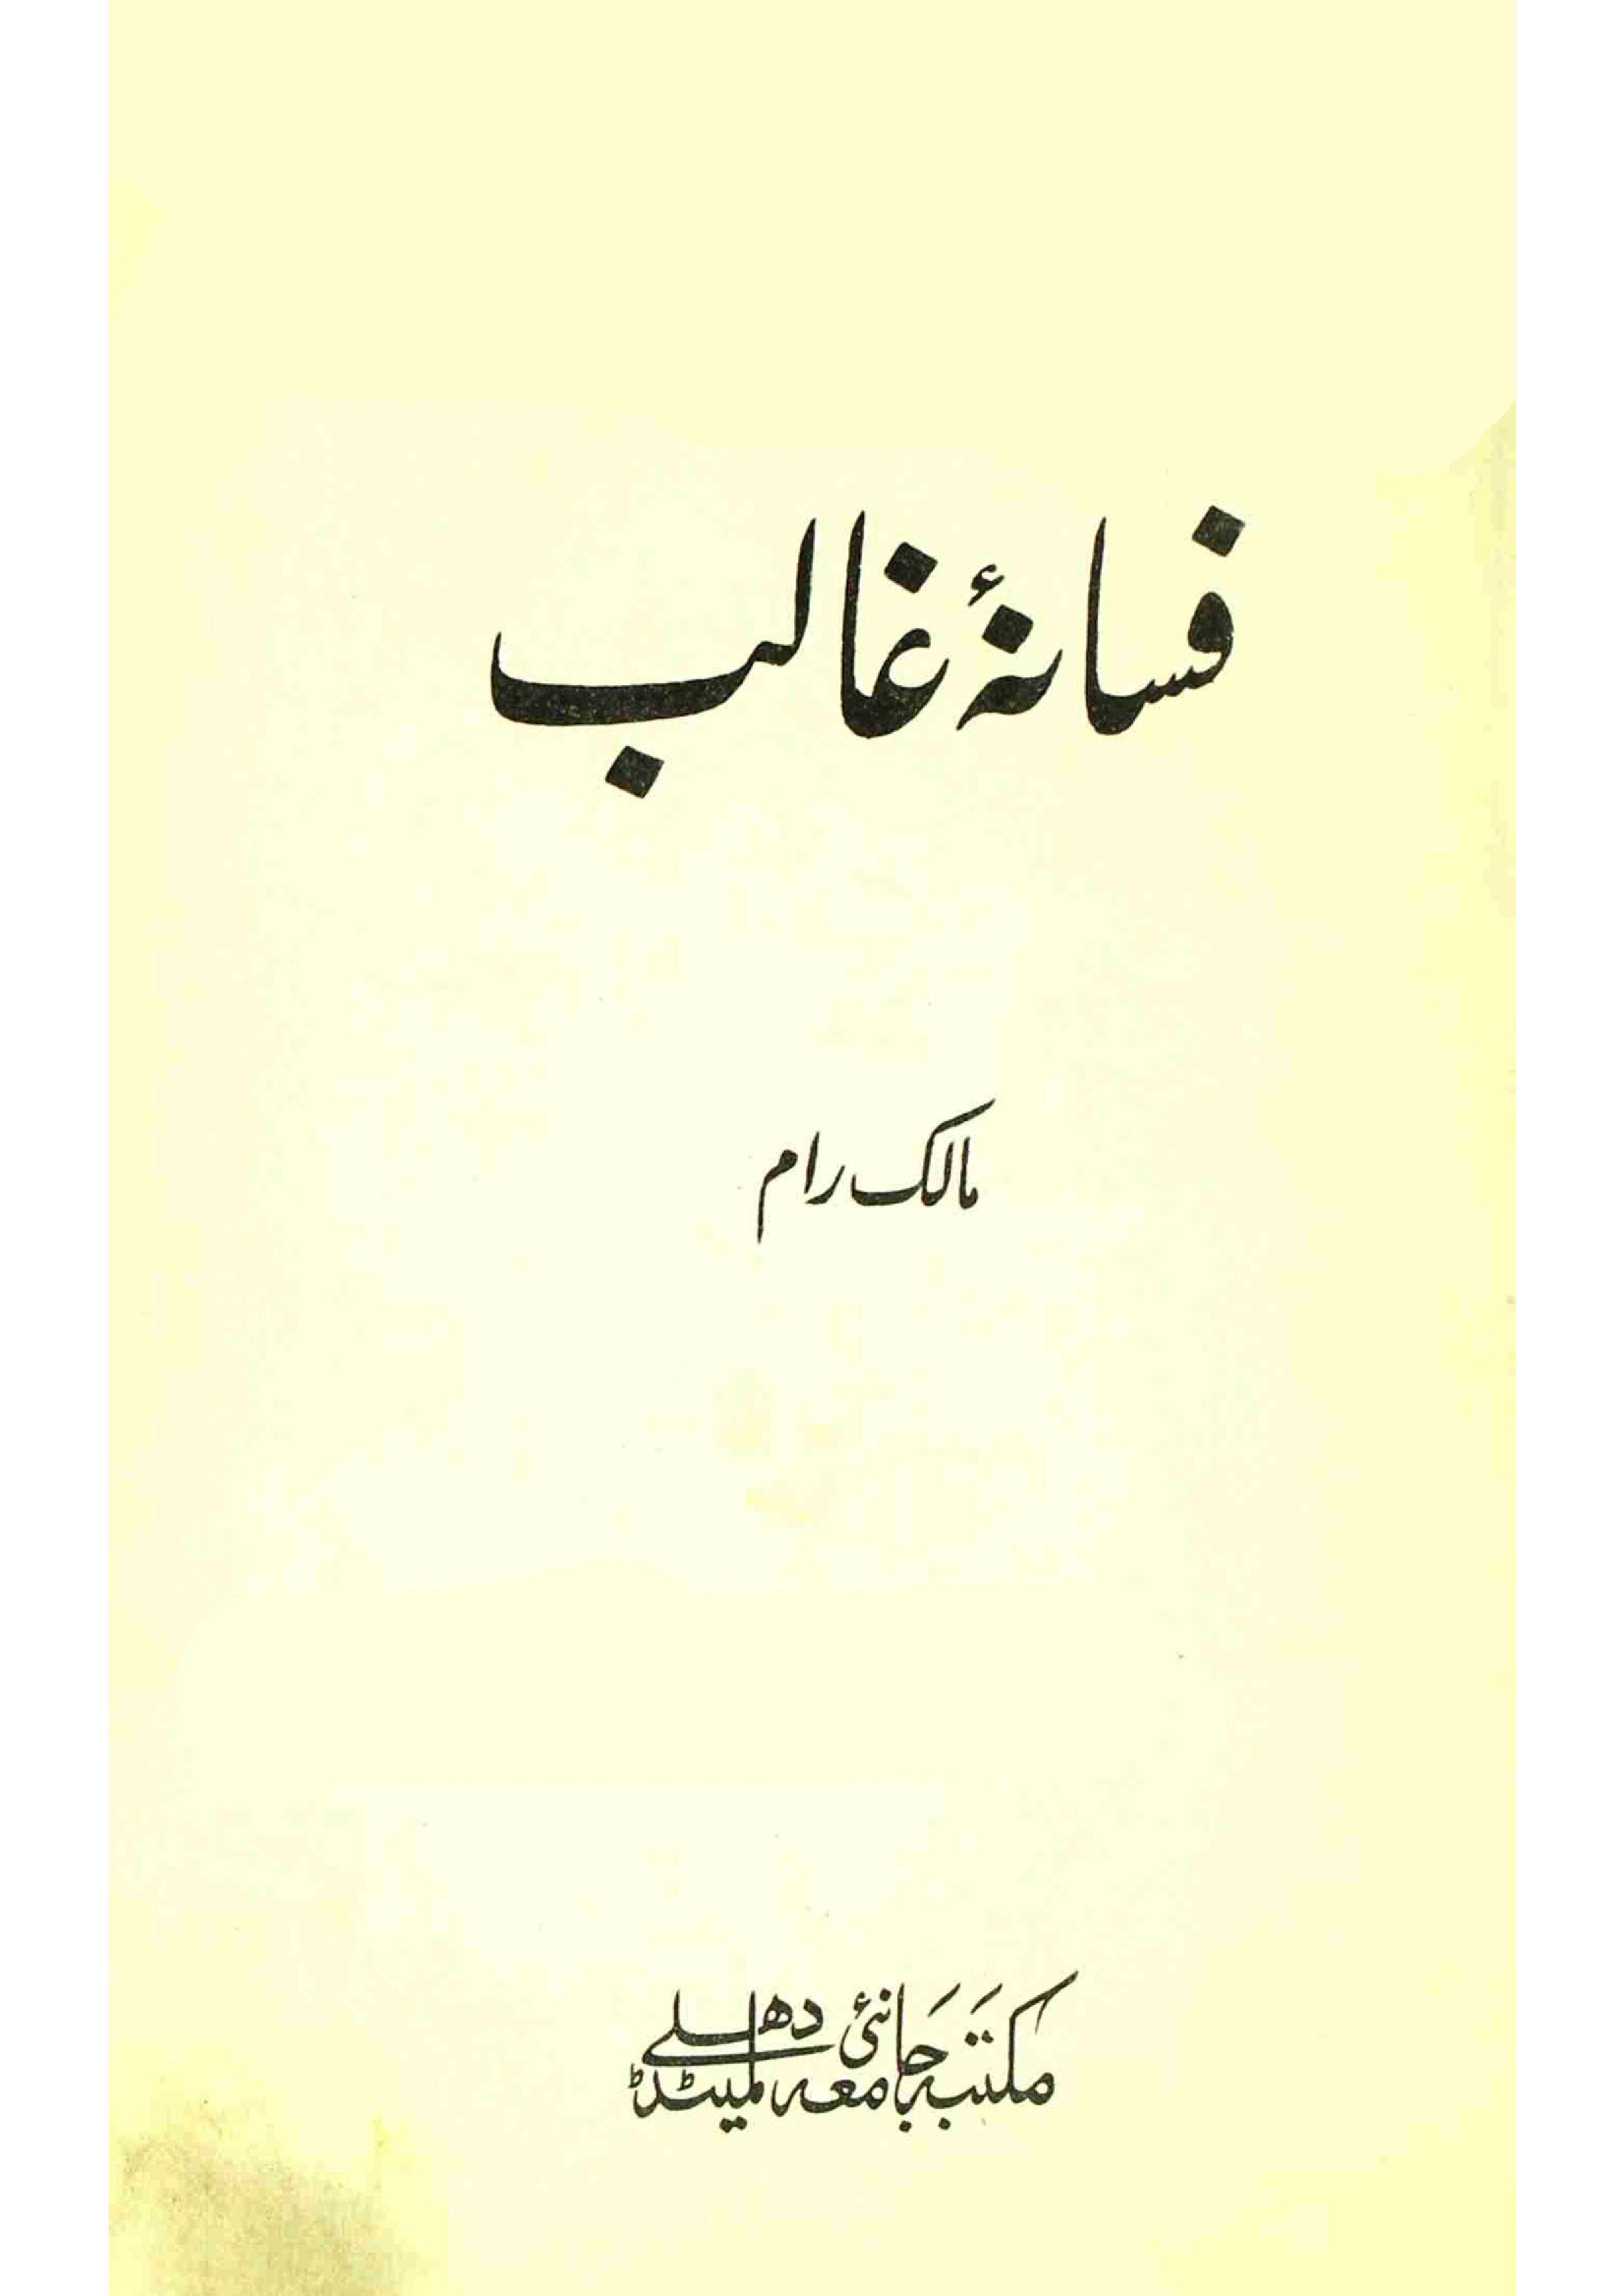 Fasana-e-Ghalib